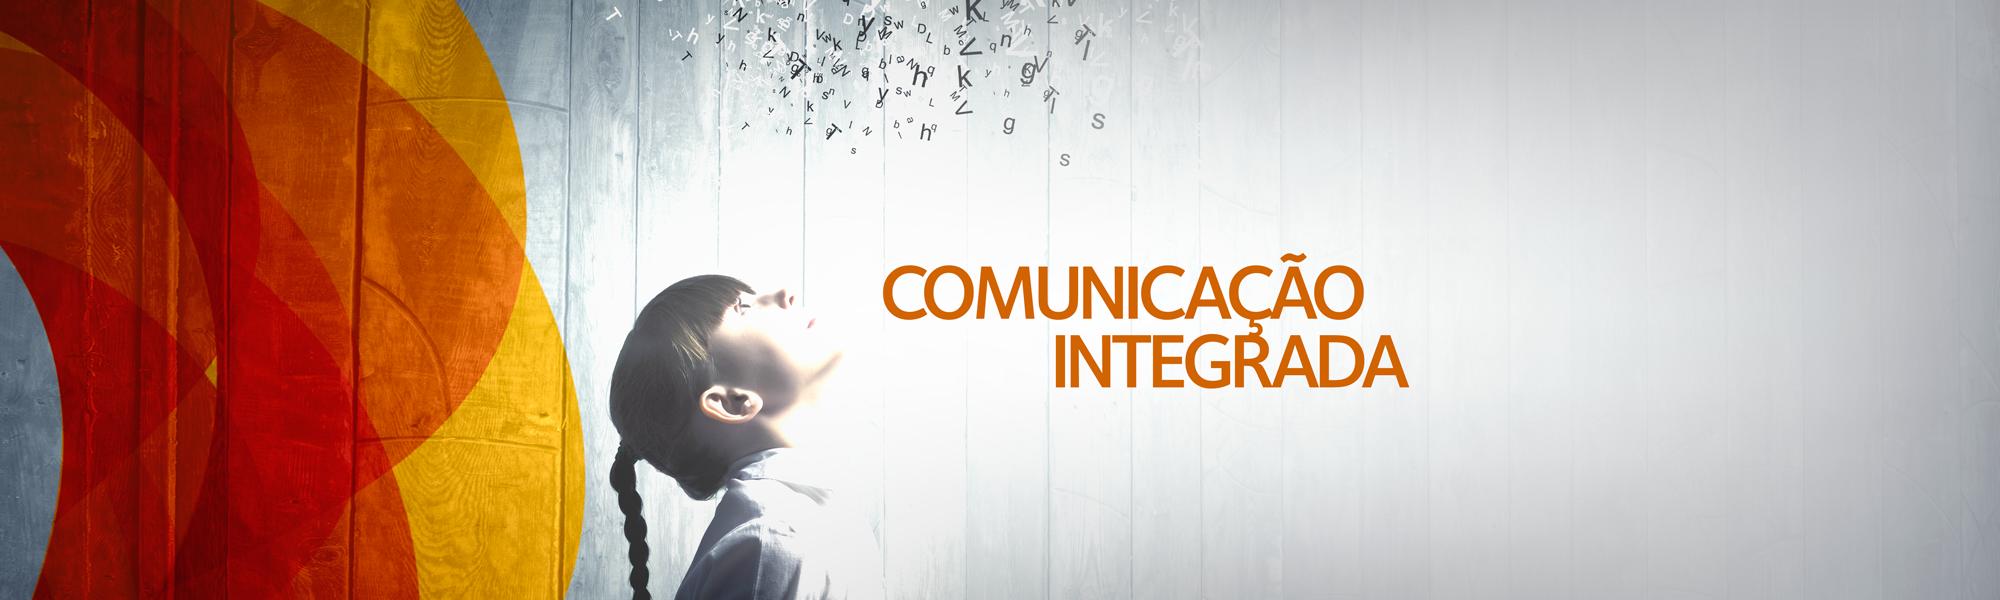 COMUNICACAO_AVI_DESIGN